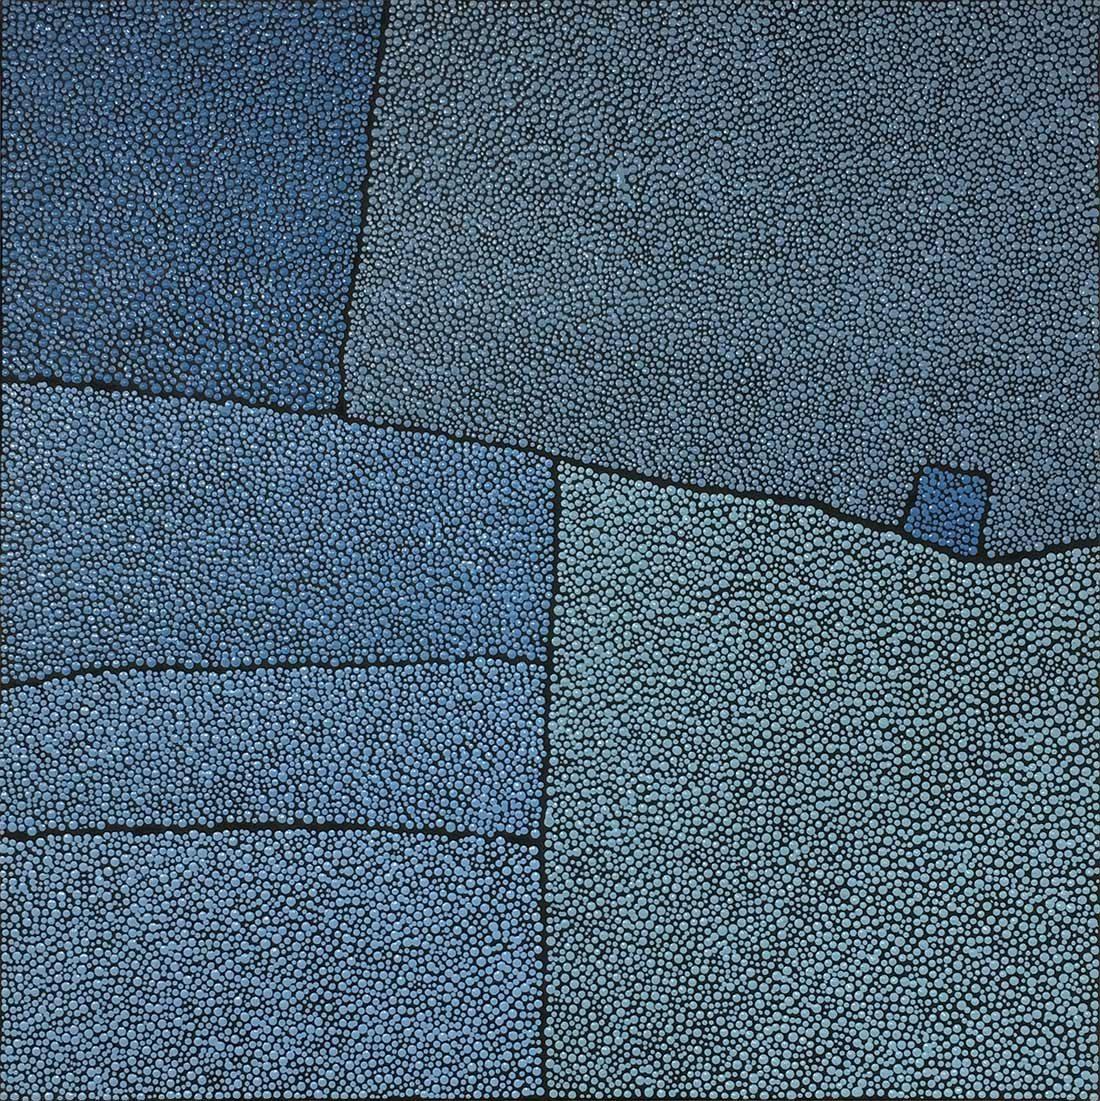 Marjolaine de La Chapelle - Sans titre petit bleu II